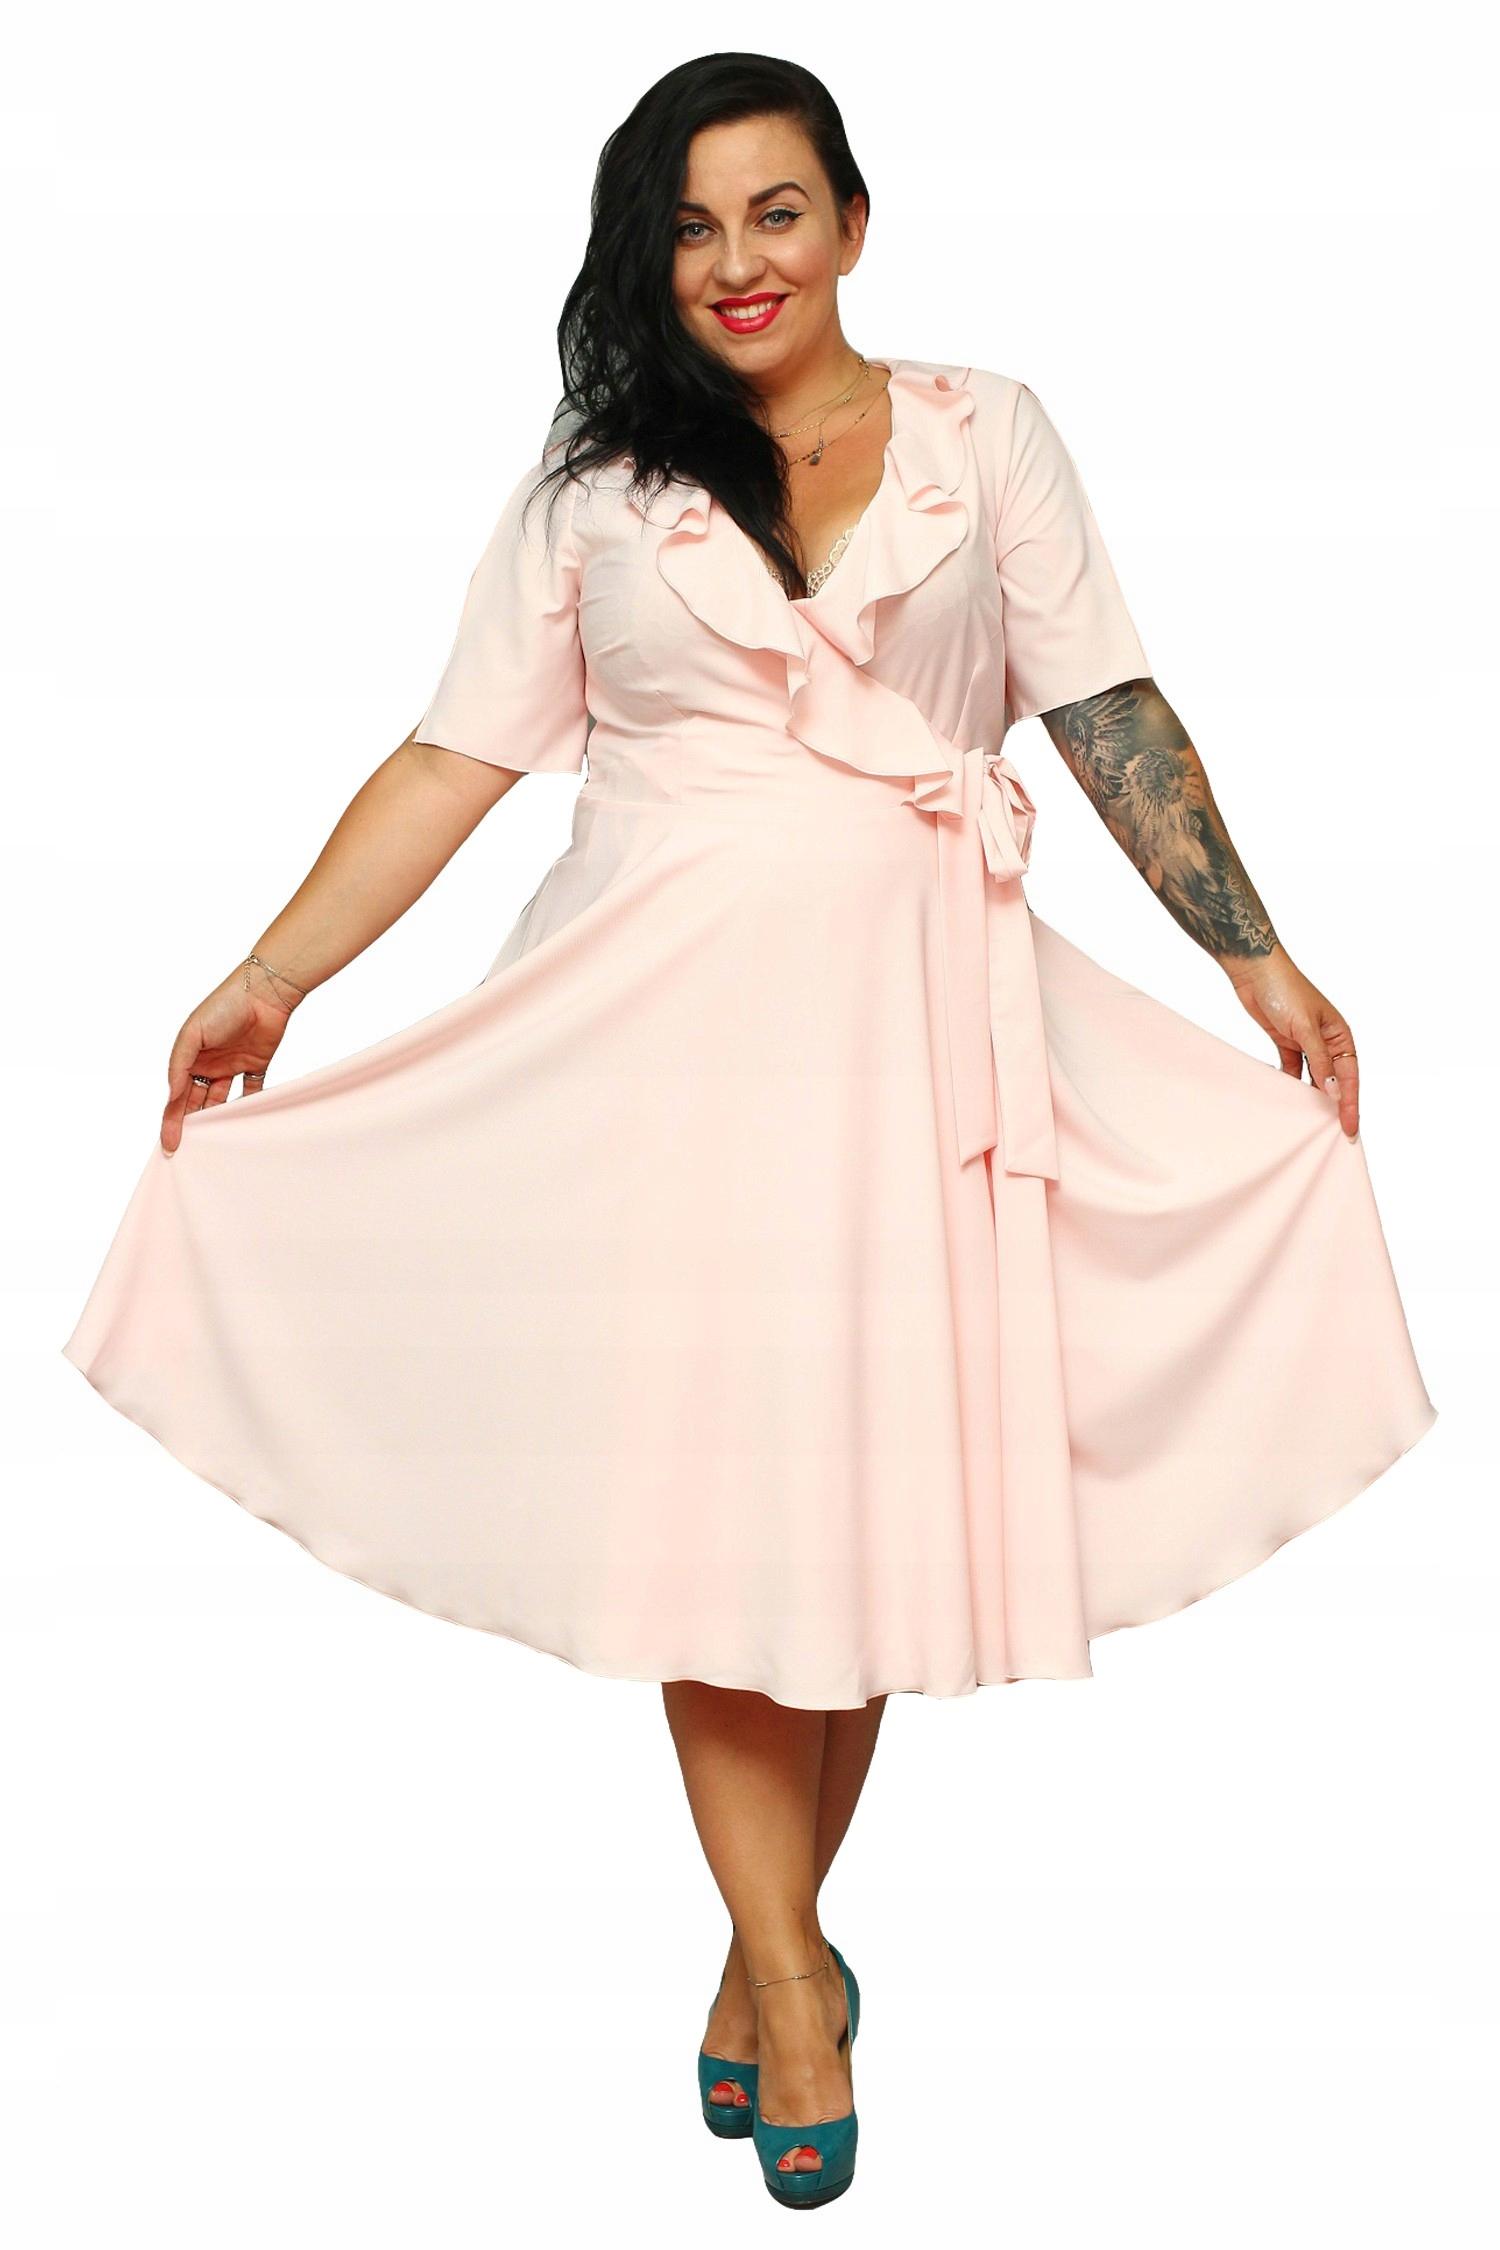 029660c5647e79 Sukienka MIRELLA kopertowa pudrowy róż 46 - 7426524992 - oficjalne ...